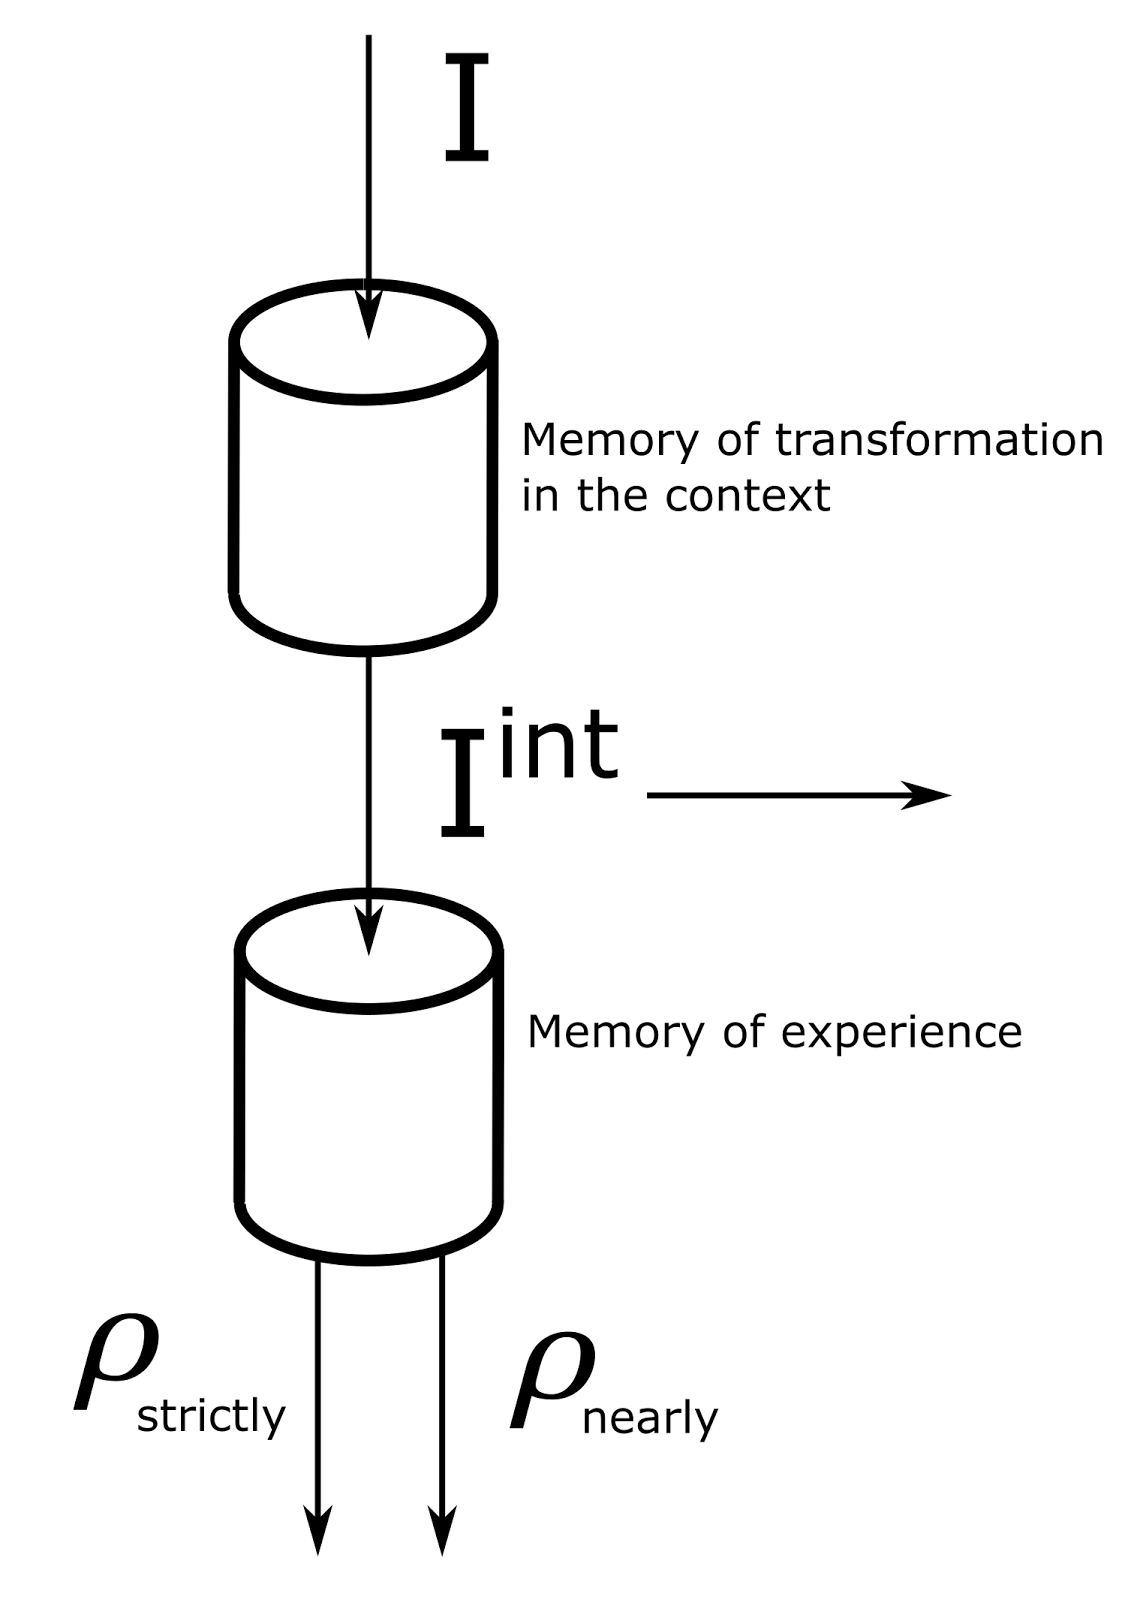 Логика сознания. Часть 6. Кора мозга как пространство вычисления смыслов - 17